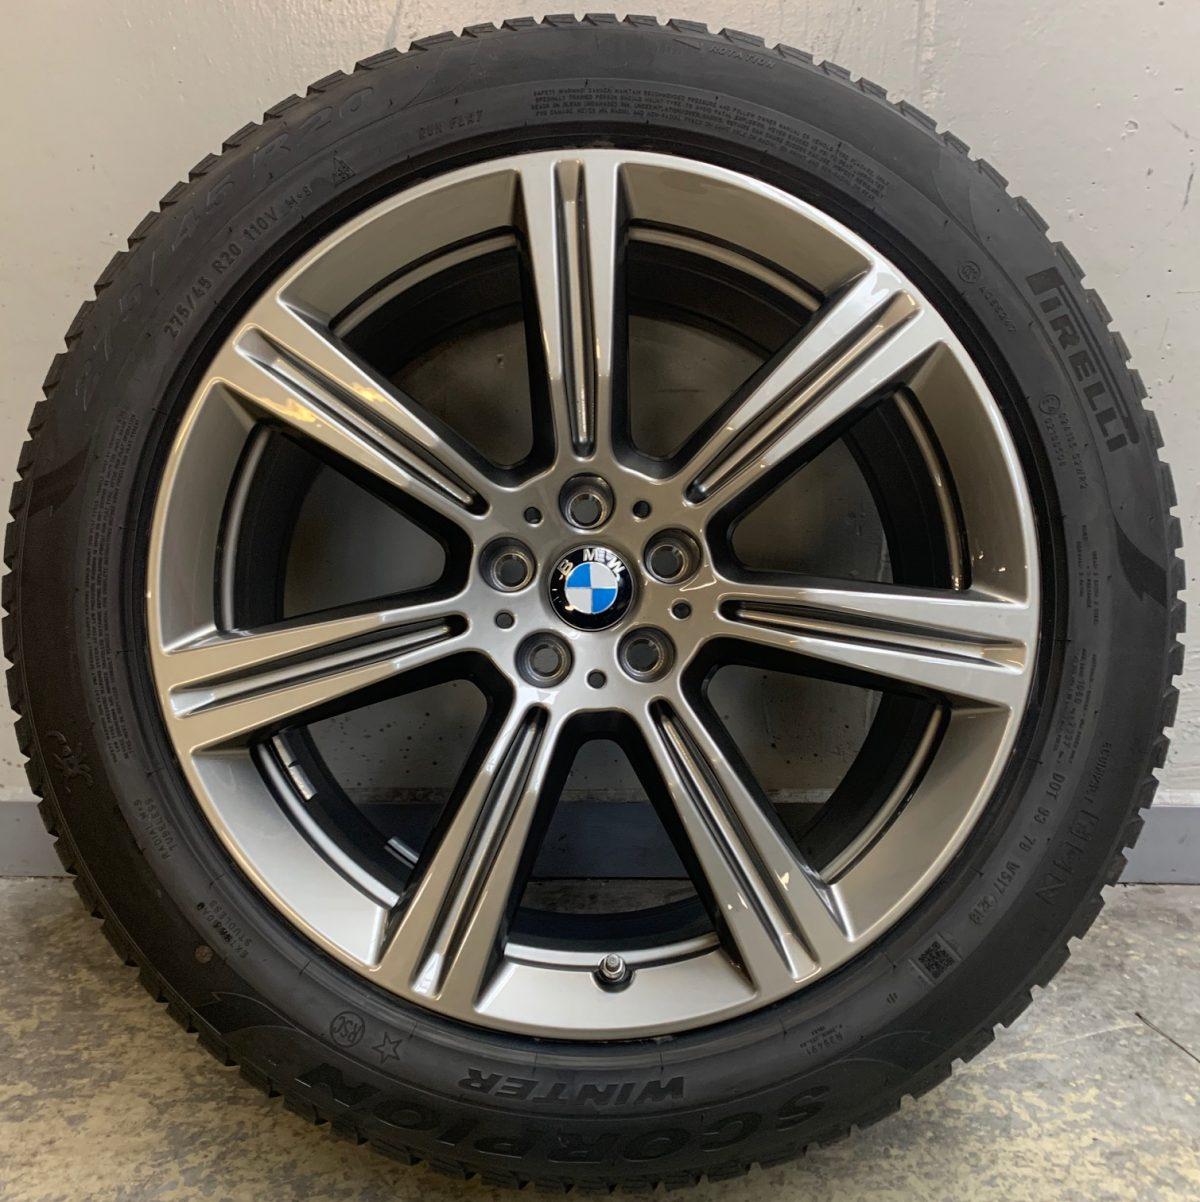 Gyári alufelni BMW X5 G05 (736 Styl) 9X20 5X112 alufelni új téli garnitúra! Pirelli defekttűrő gumikkal,nyomásszenzorral! 1